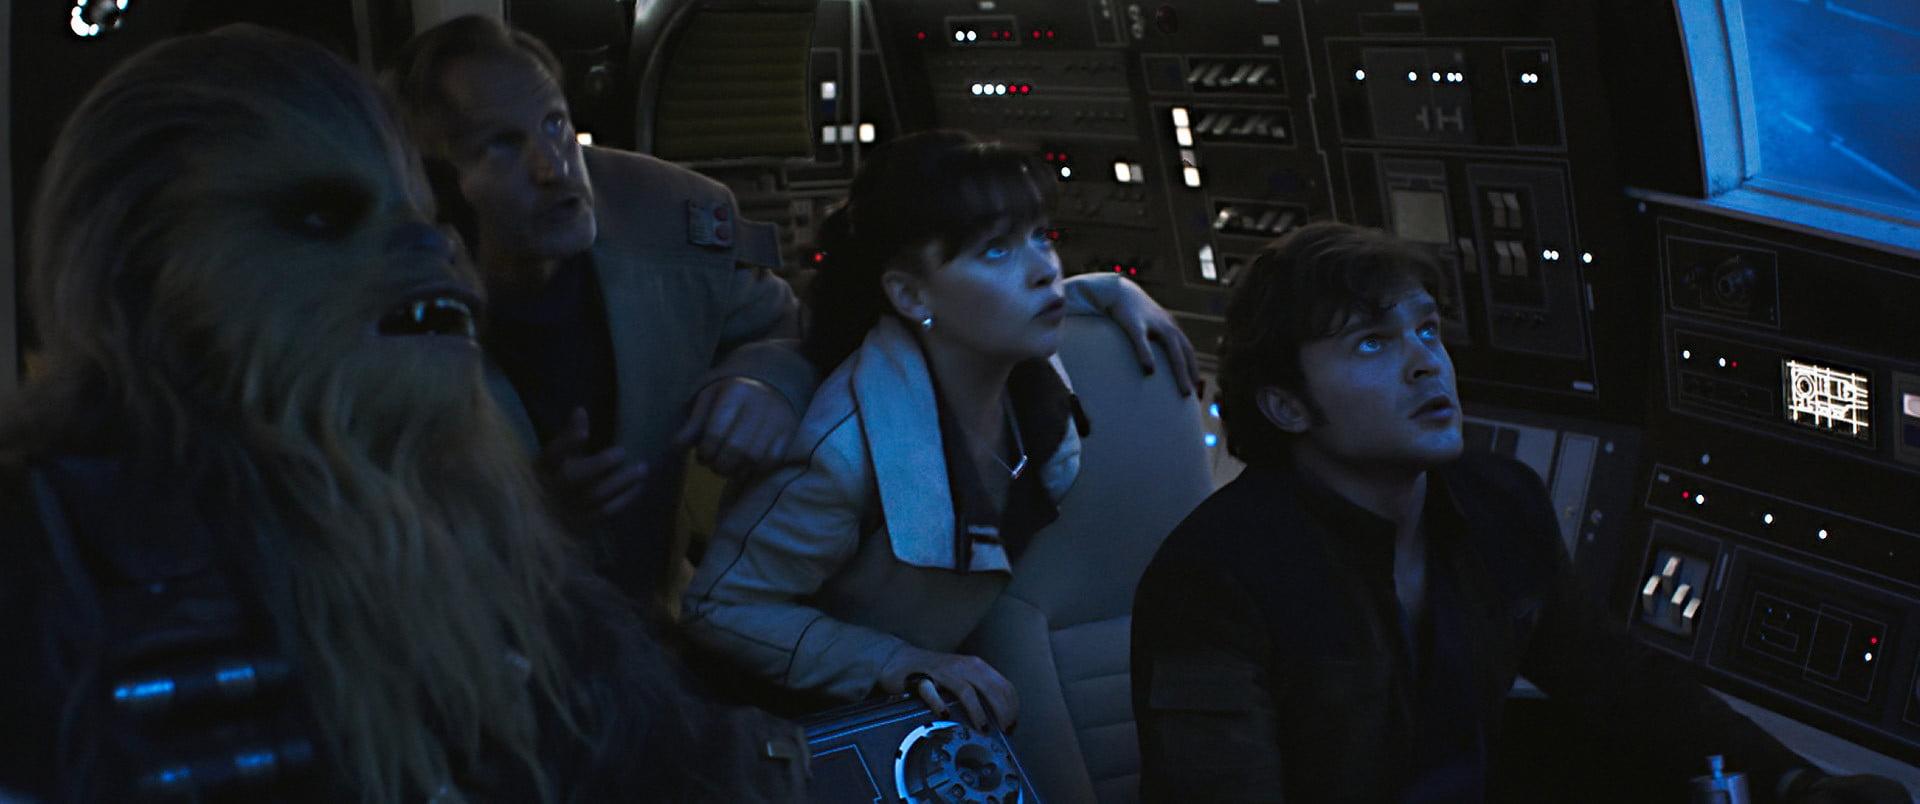 Les scènes d'action de Solo valent le déplacement à elles seules